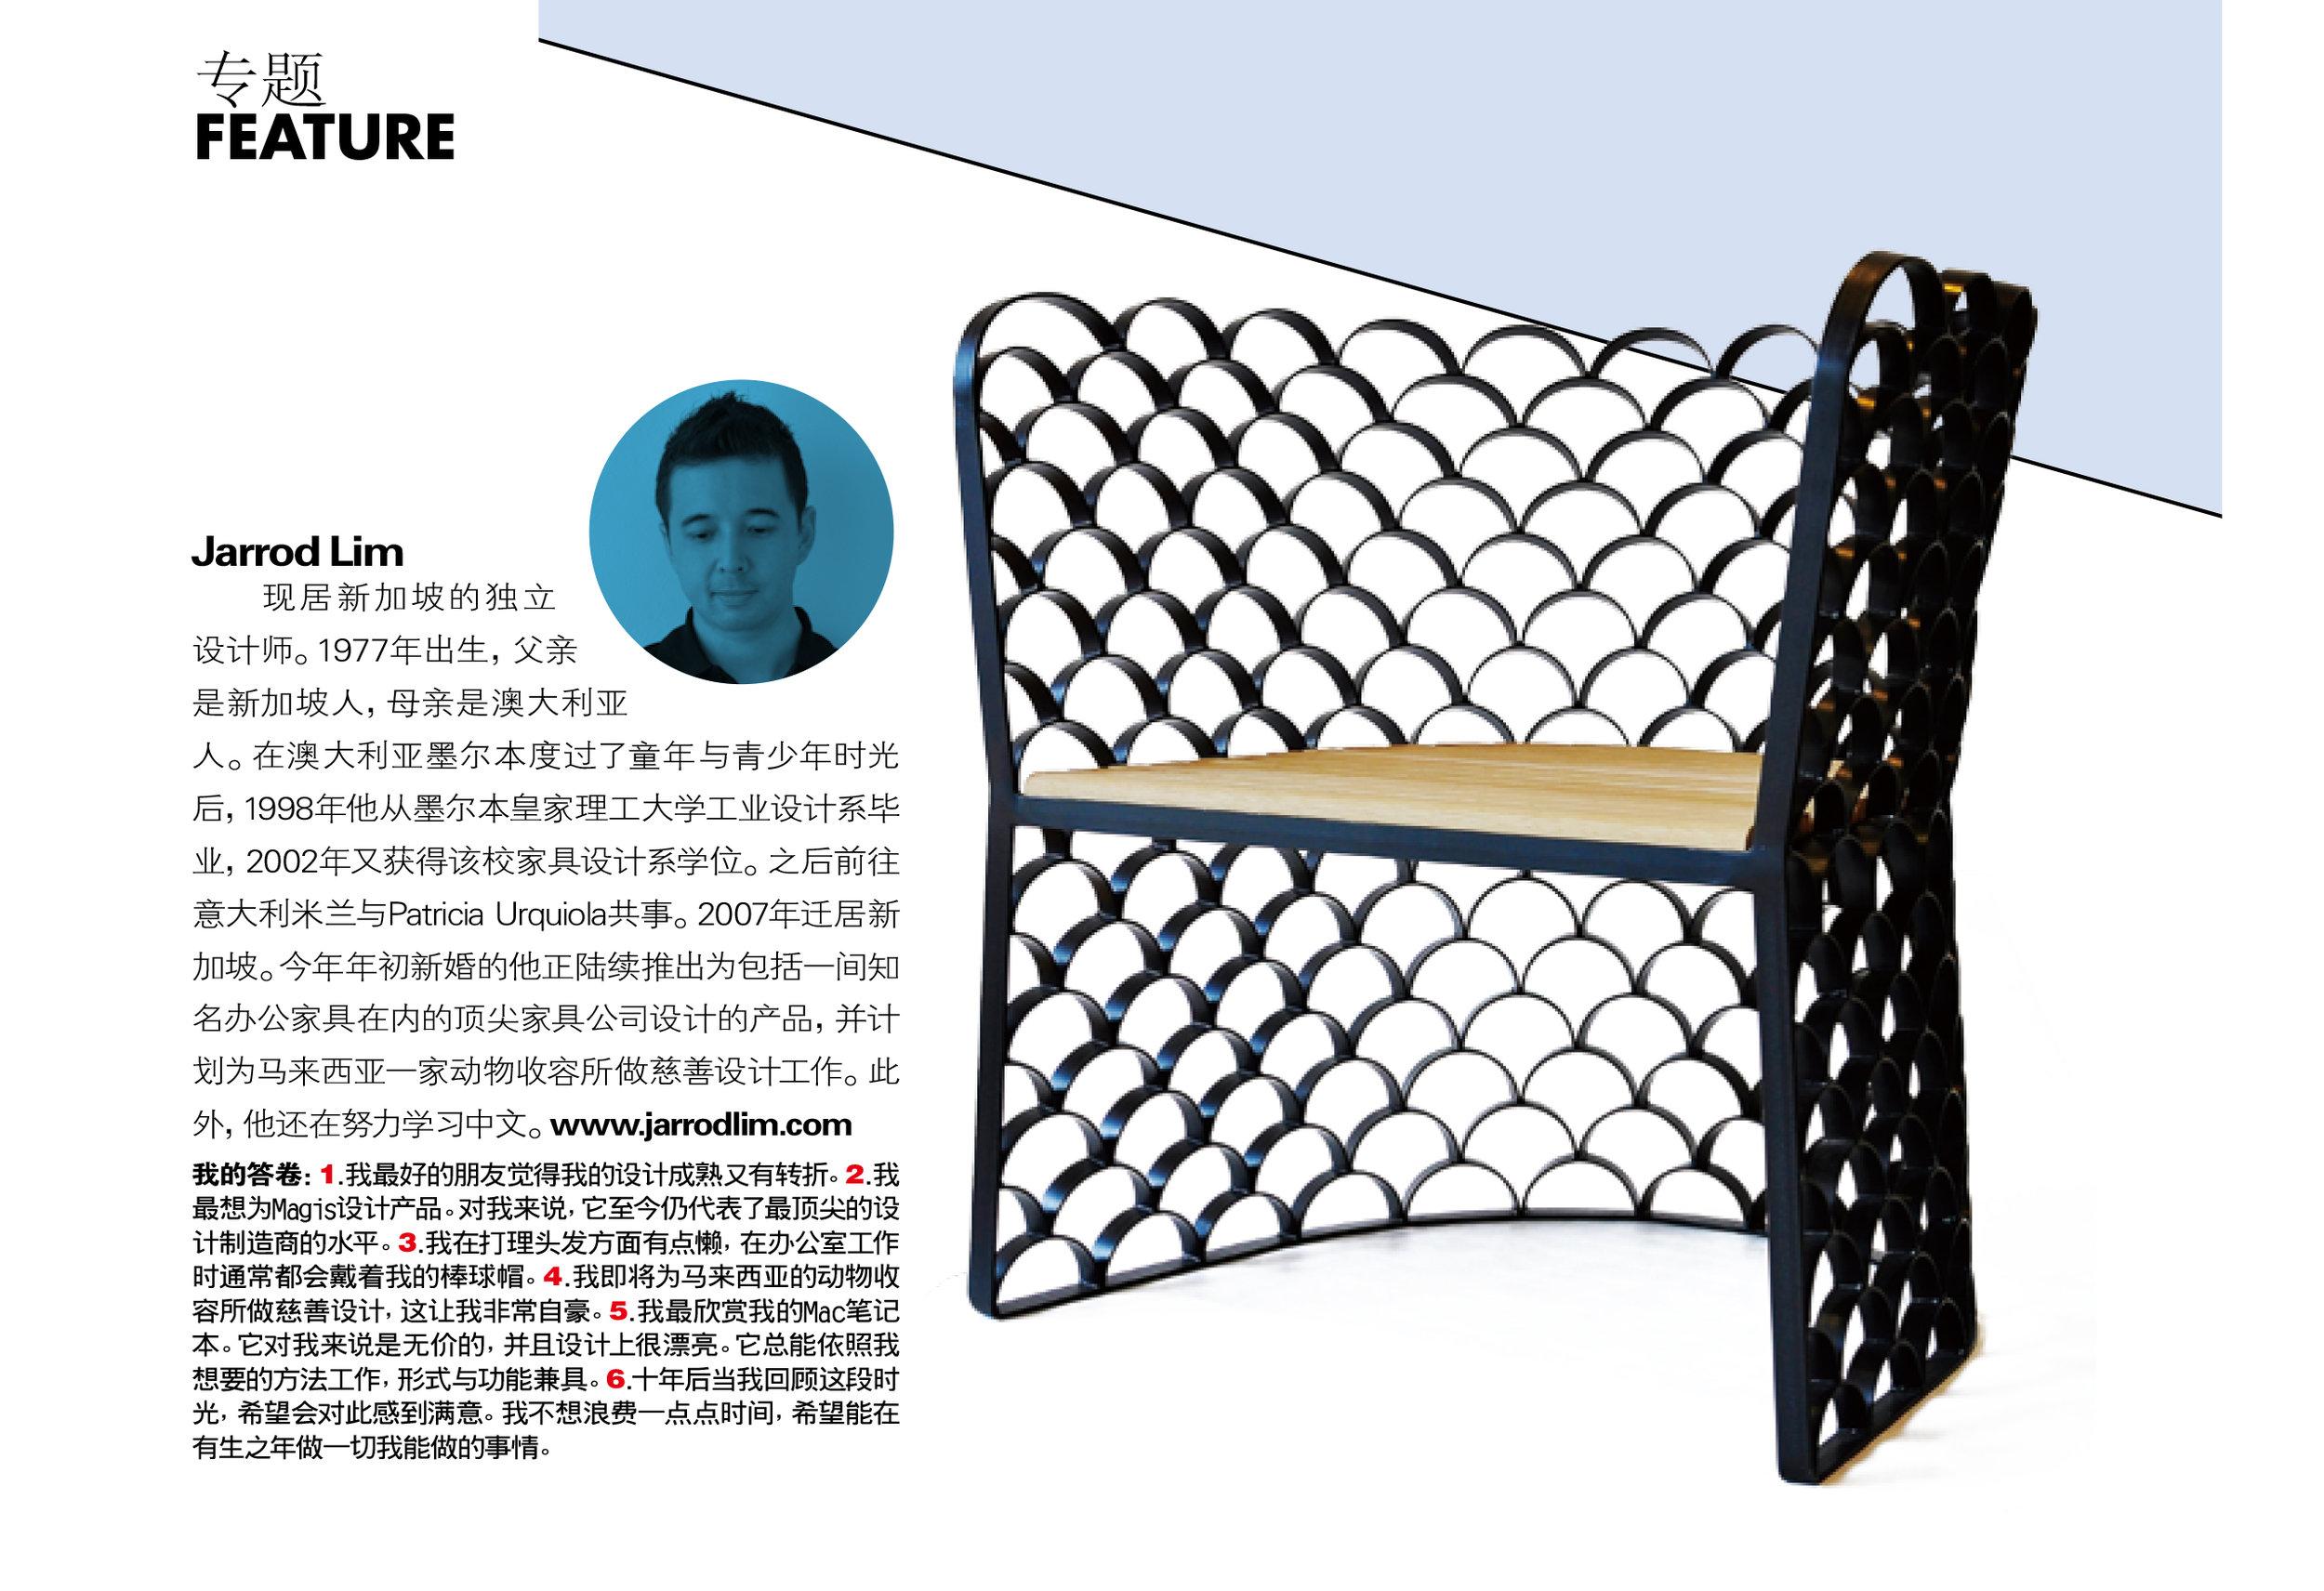 Elle Decor China - July 2011